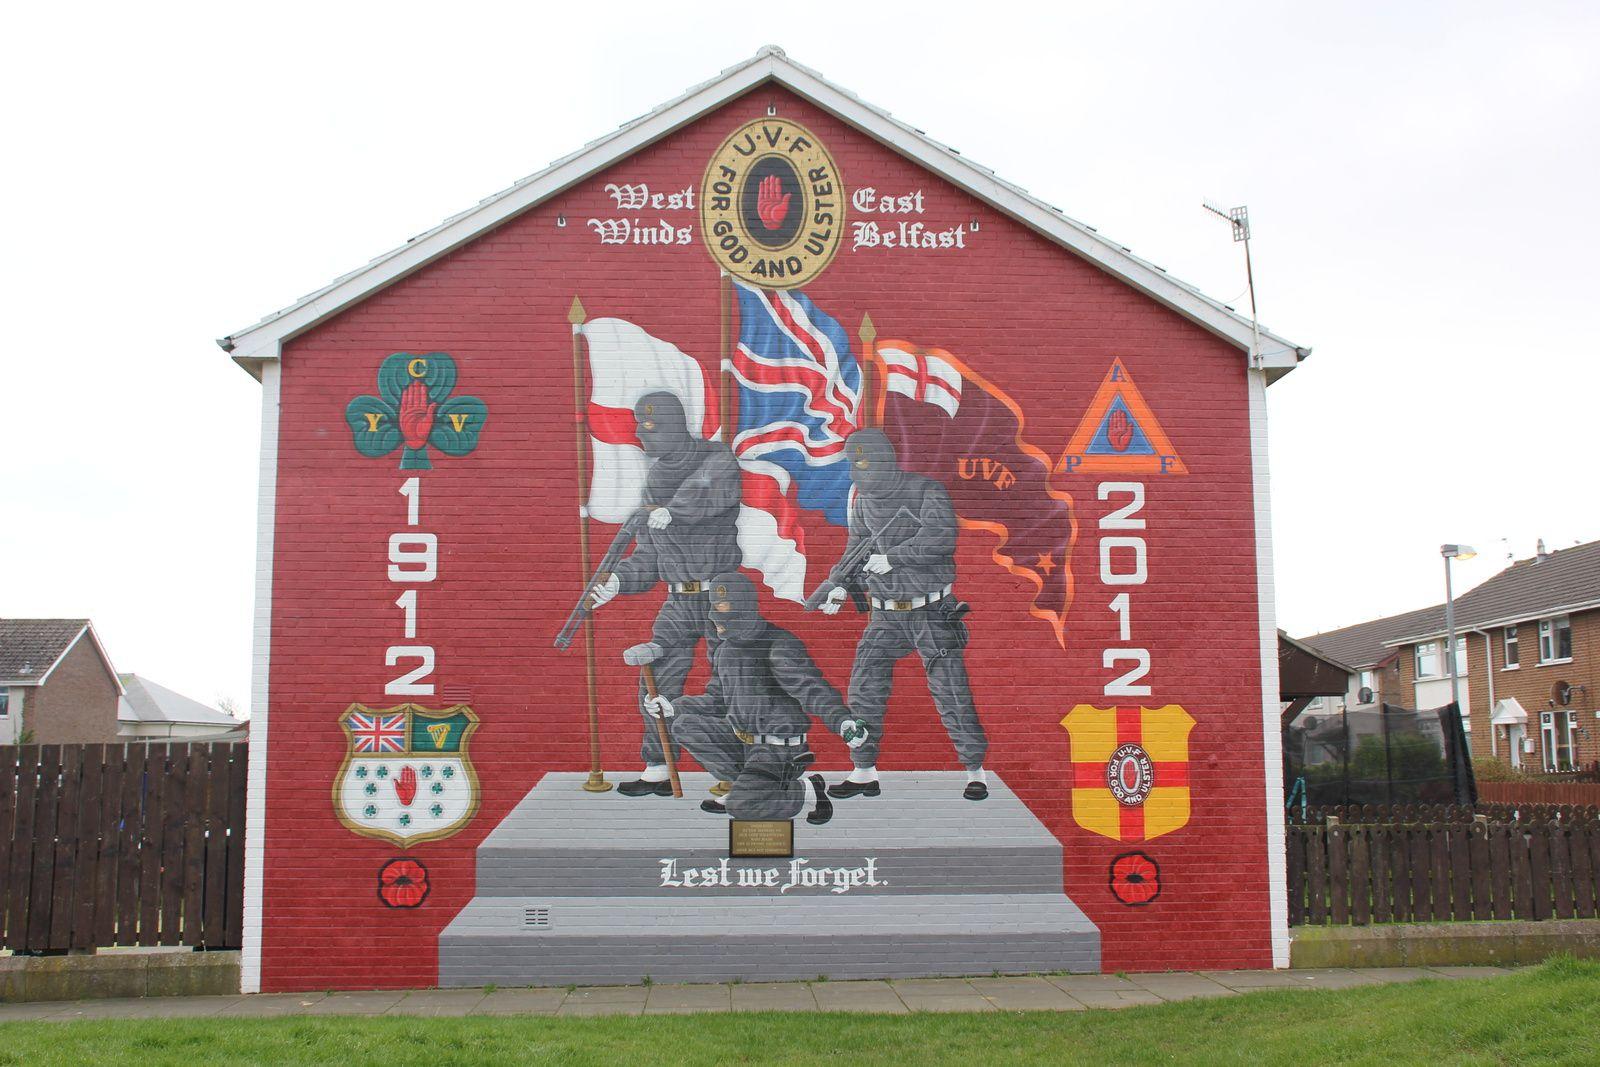 524) Blenheim Drive, West Winds, Newtownards